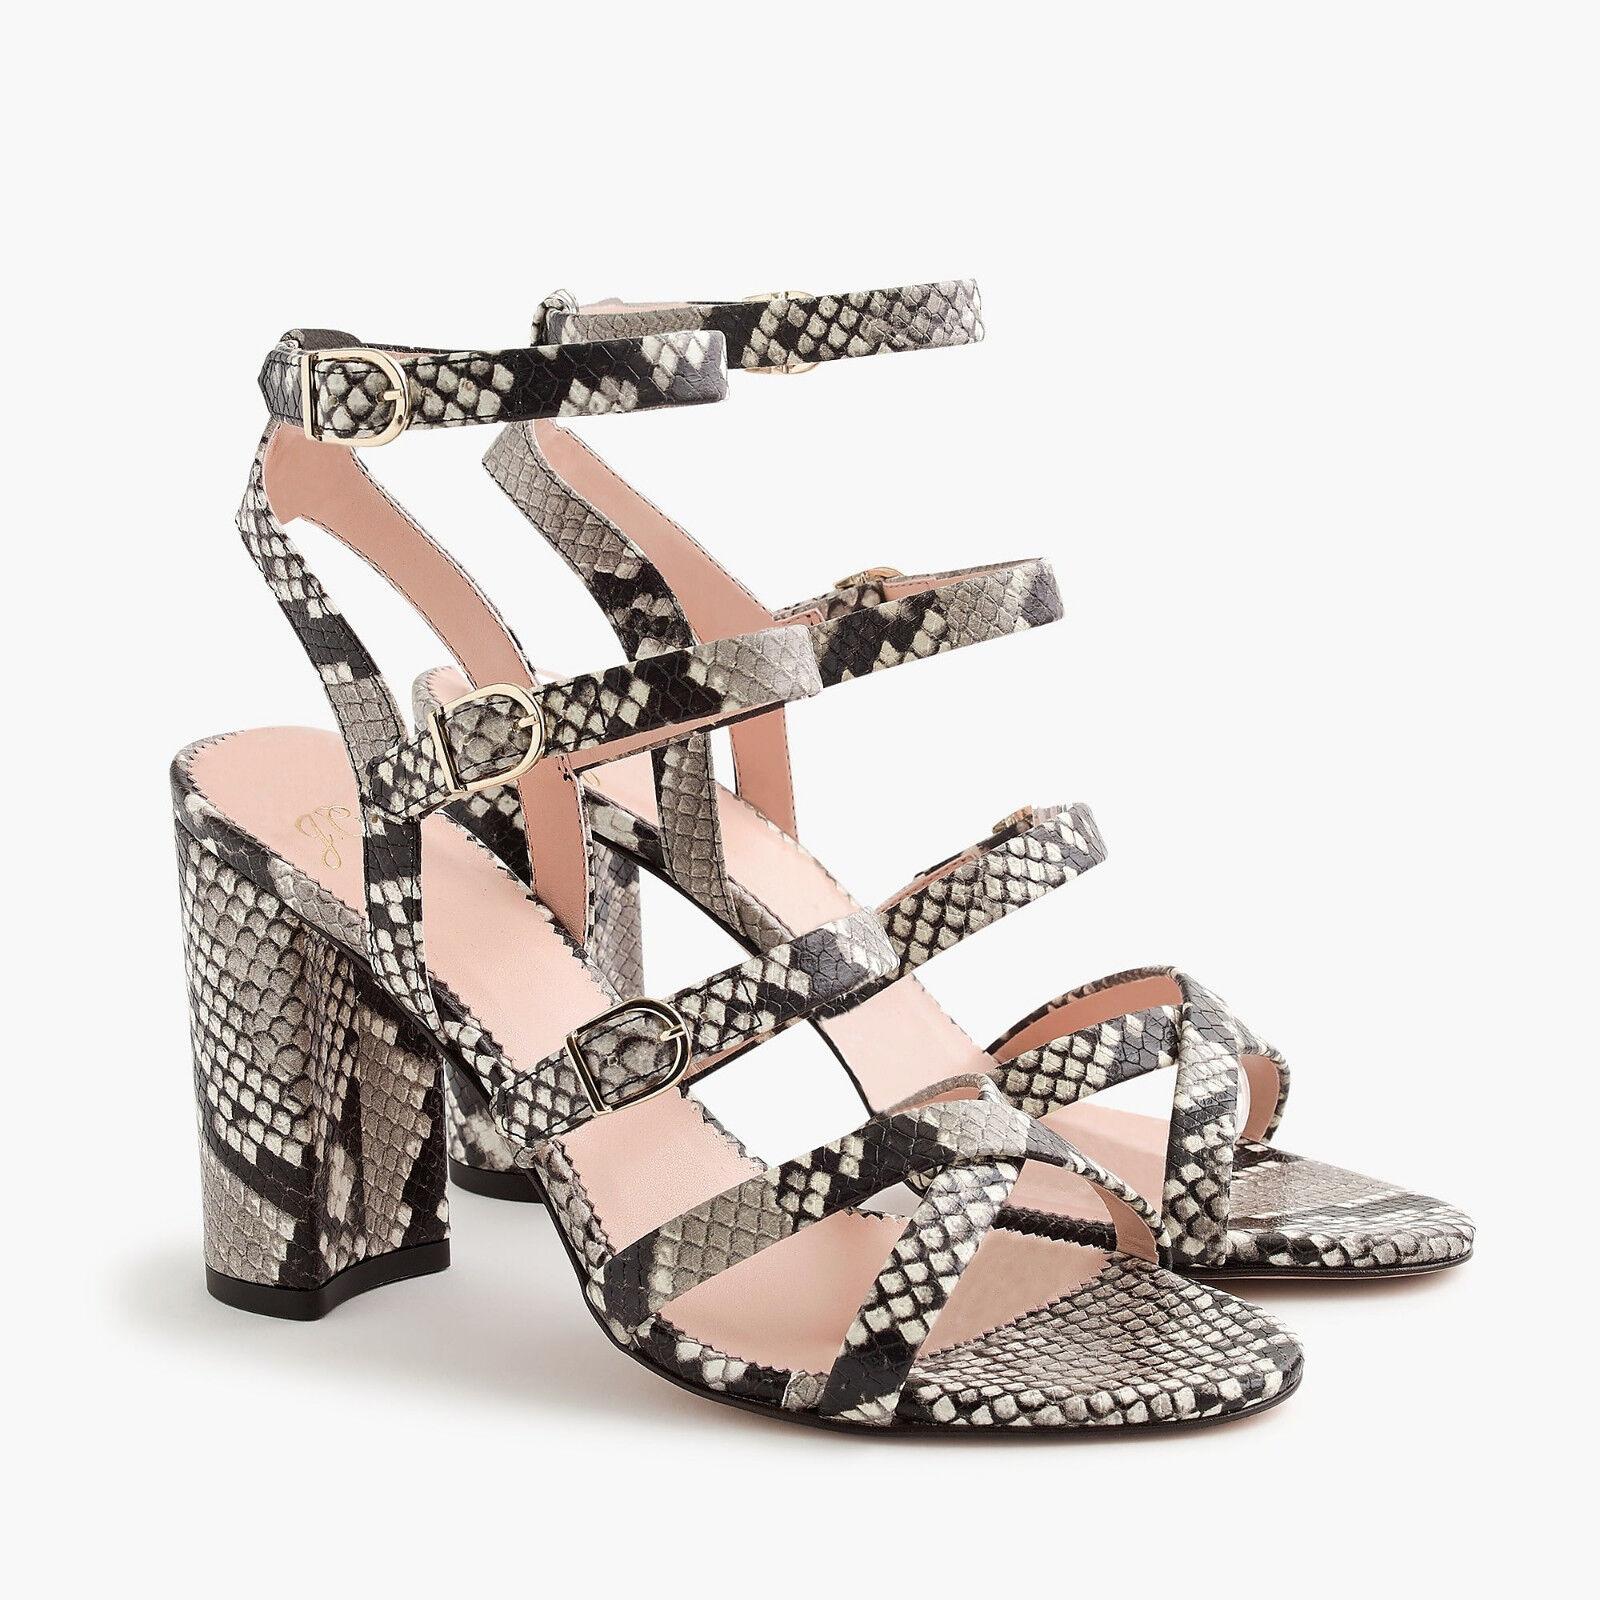 J CREW Bucklat High High High -Heel Sandal i Faux Snakeskin 6.5 NWB  248 J8204 klackar  försäljning med hög rabatt